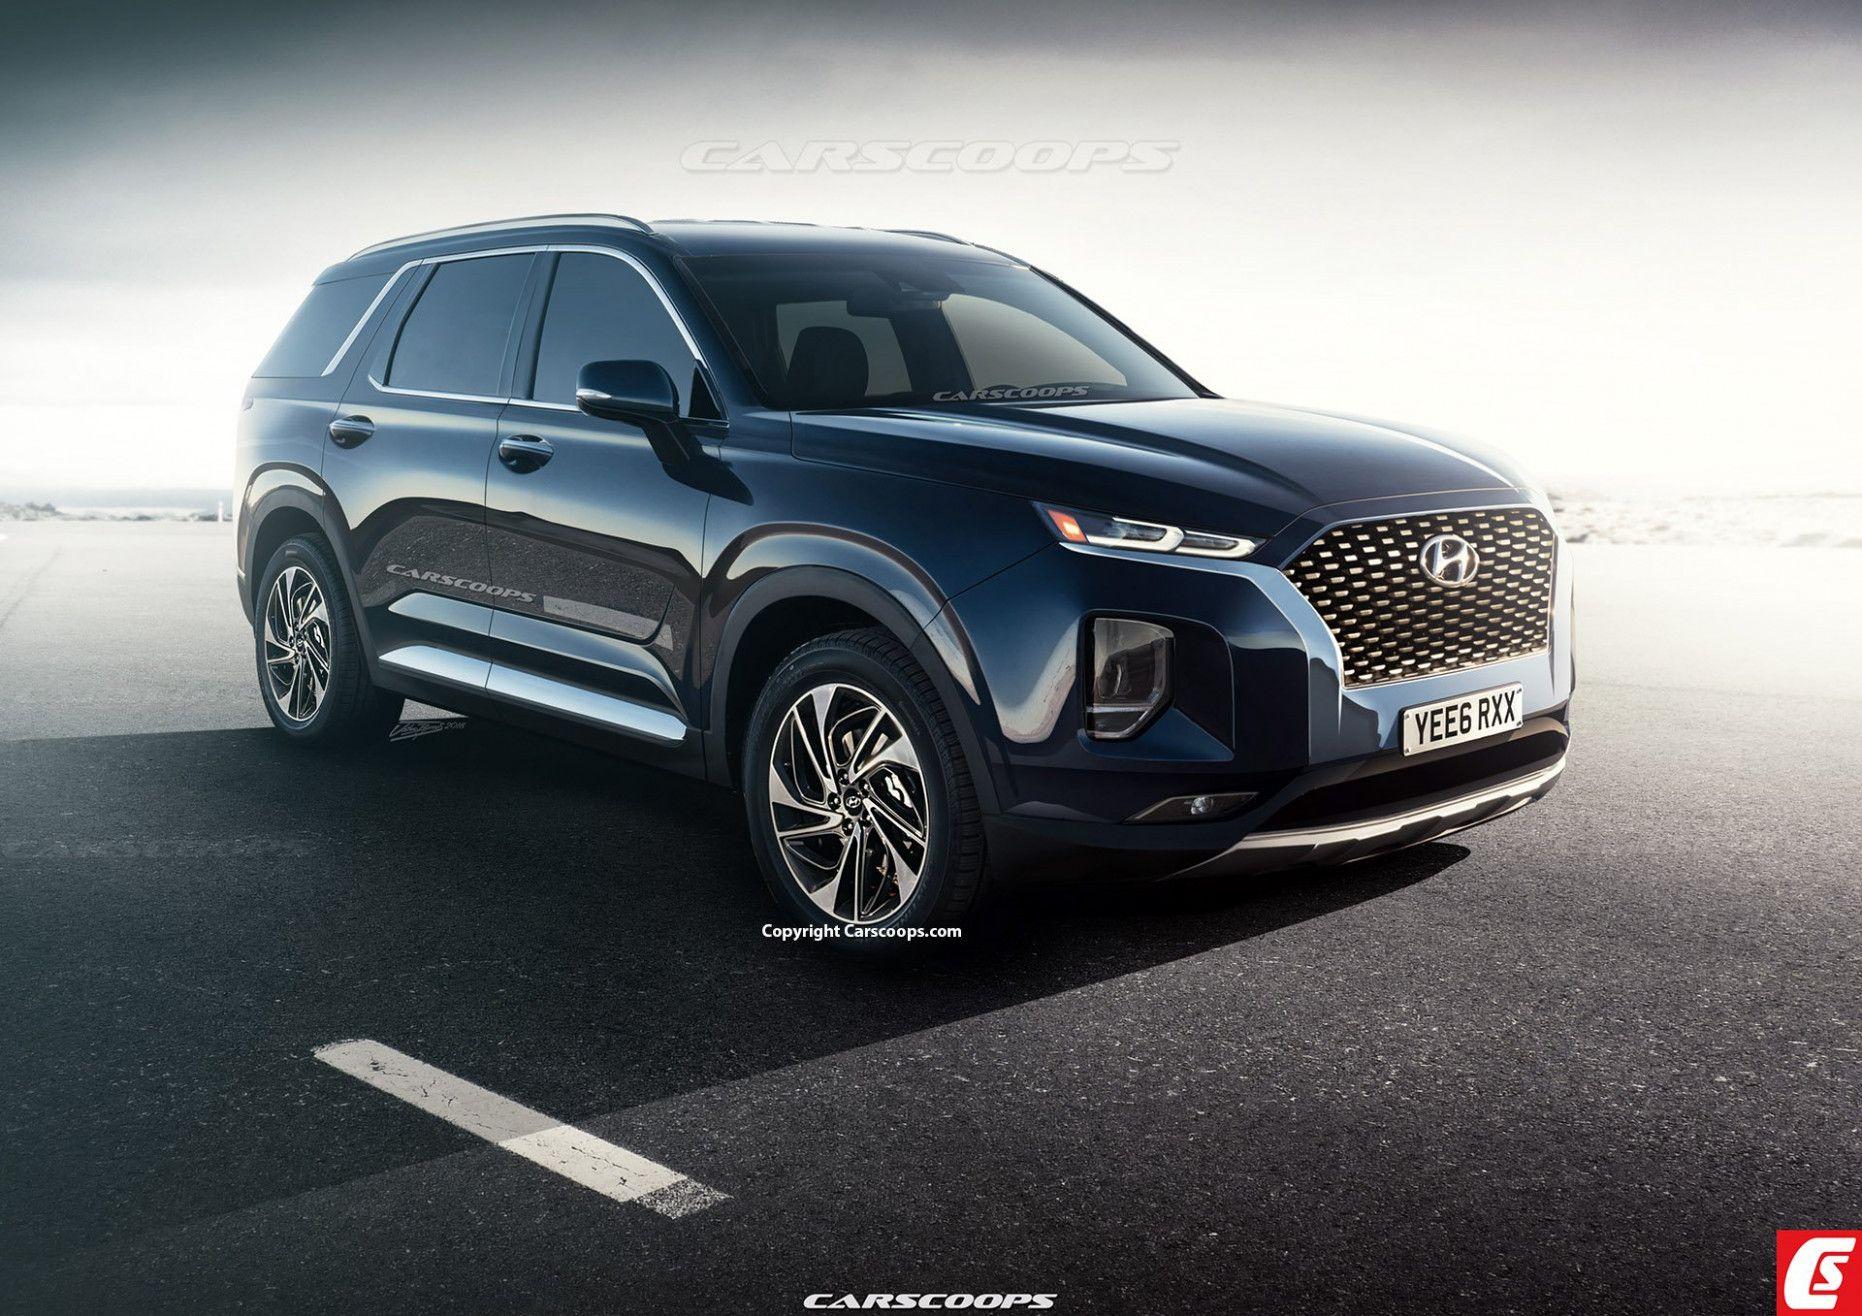 Hyundai Full Size Suv 2020 Reviews 2020 Car Reviews